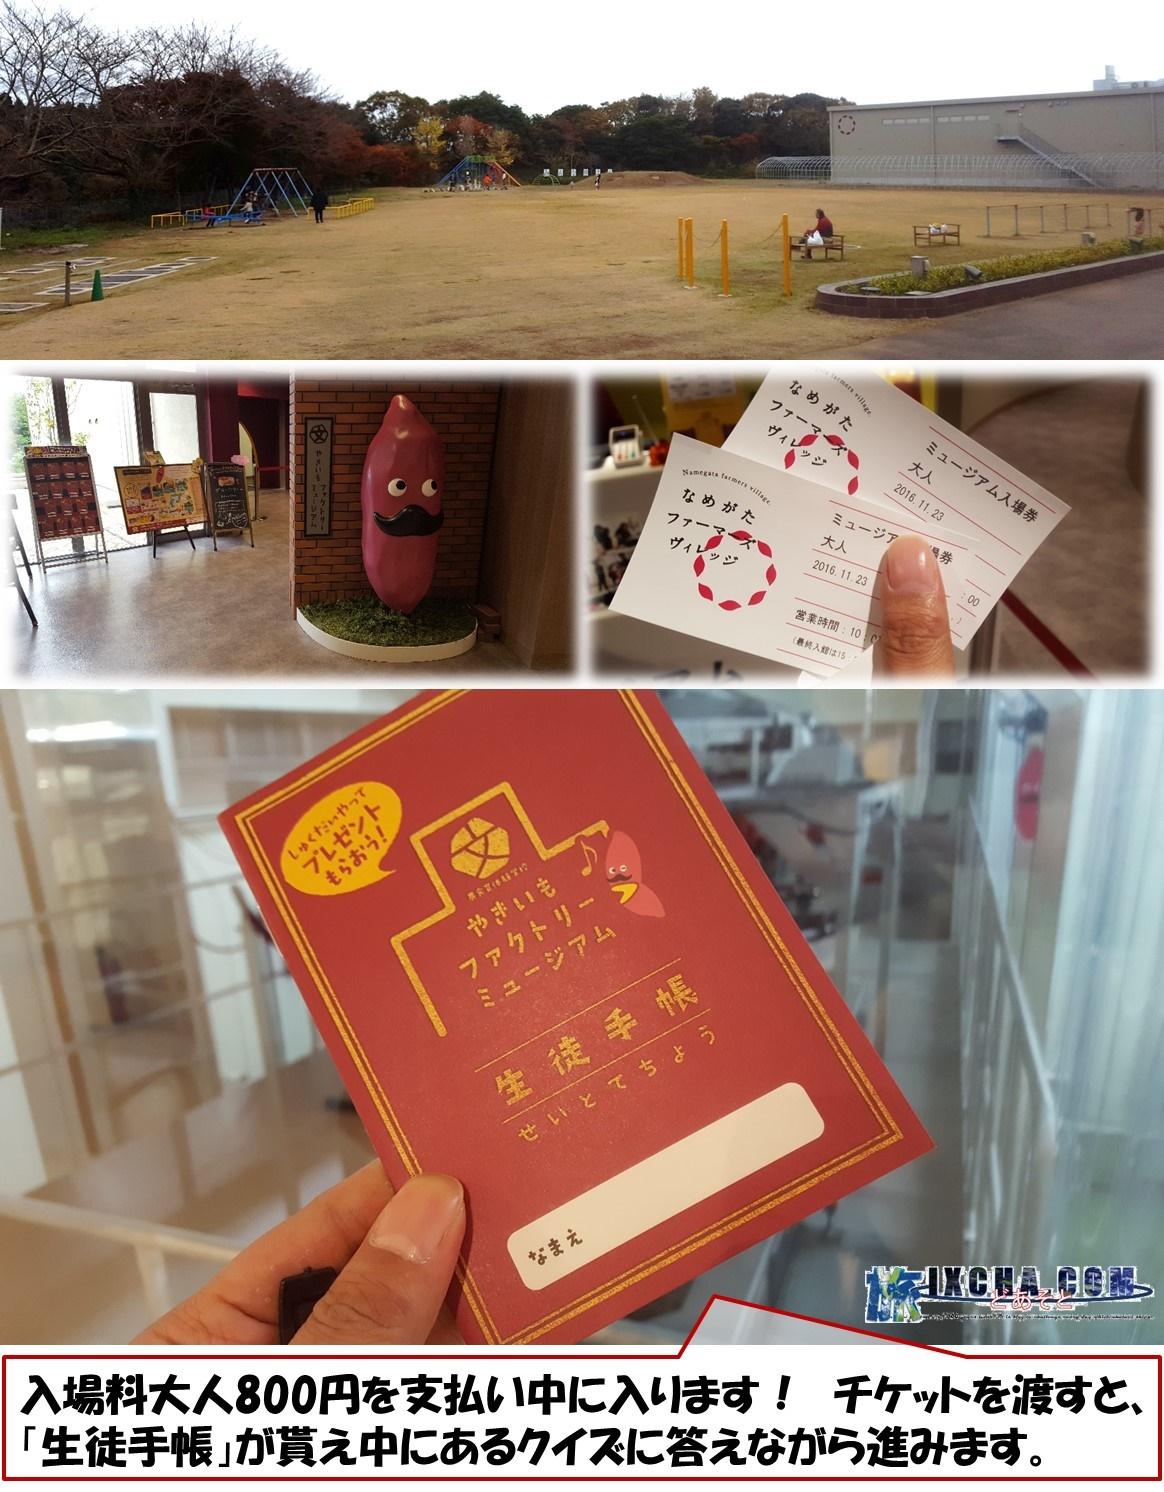 入場料大人800円を支払い中に入ります! チケットを渡すと、「生徒手帳」が貰え中にあるクイズに答えながら進みます。